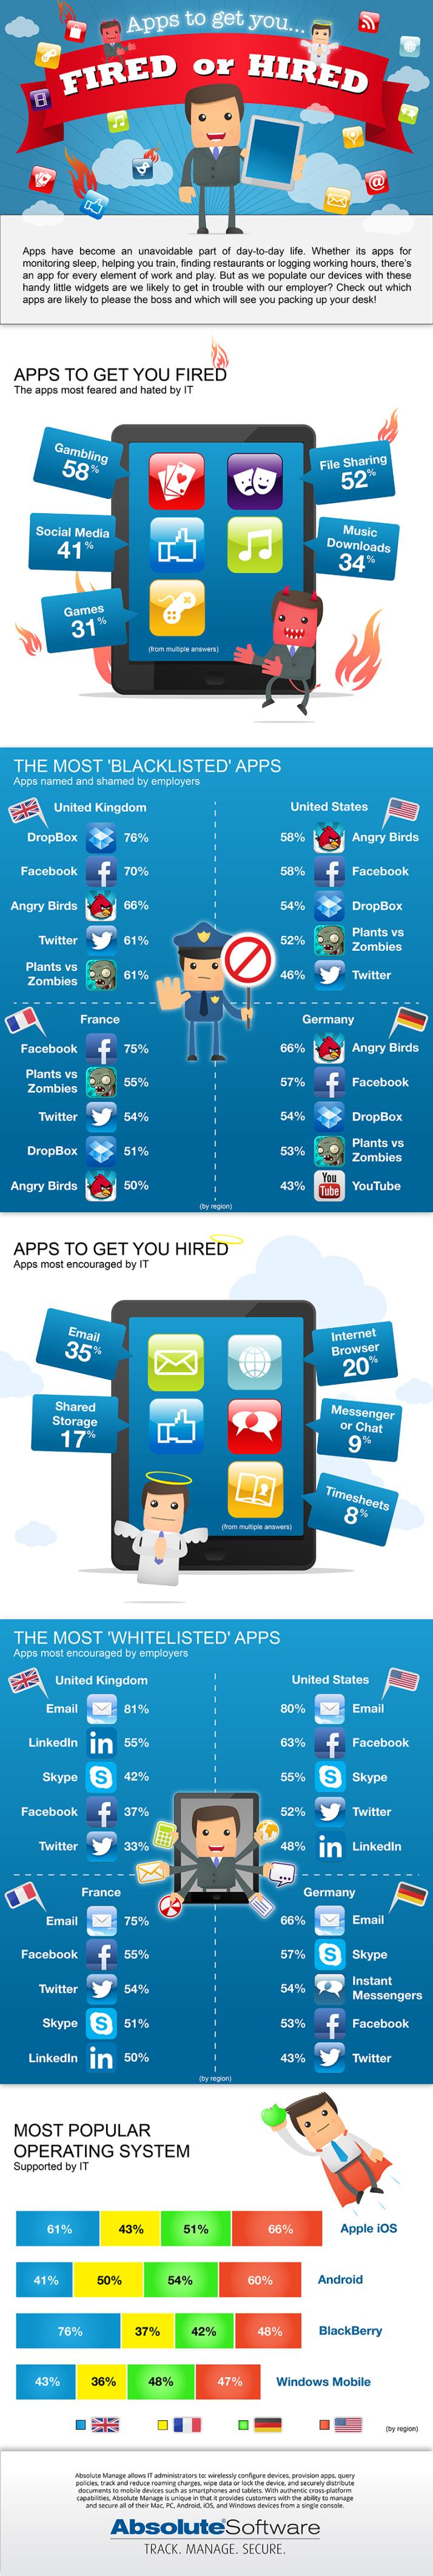 Infografía: Apps para ser contratado o despedido